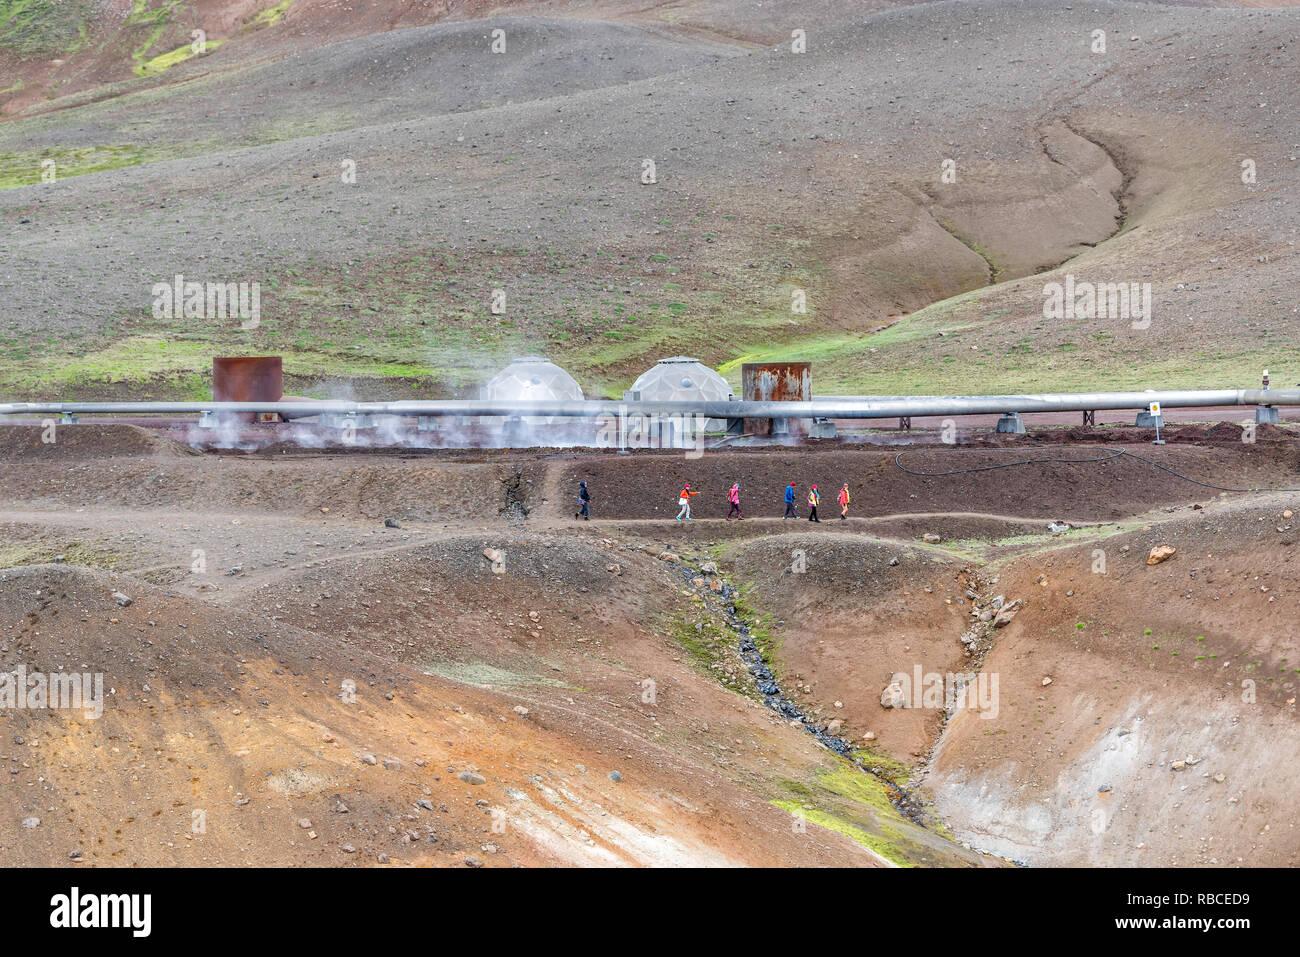 Krafla, Islandia - Junio 16, 2018: Kroflustod Power Station cerca del volcán y lago Myvatn, utilizando la energía geotérmica con vapor y la gente de excursionistas cerca Imagen De Stock